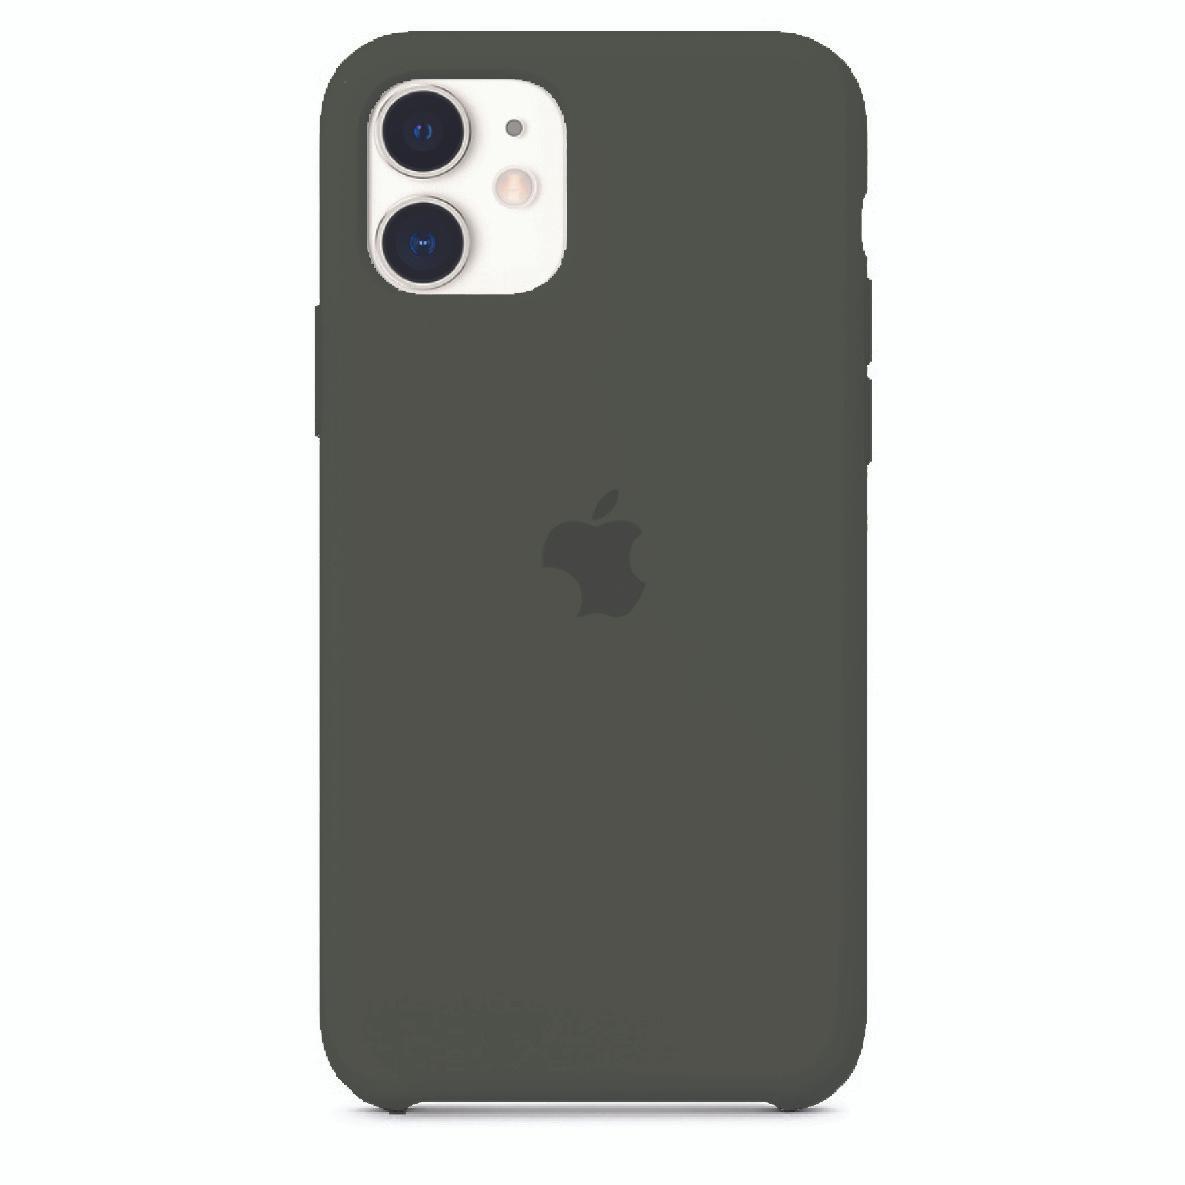 Чехол силиконовый Silicon Case iPhone 11, графит #1